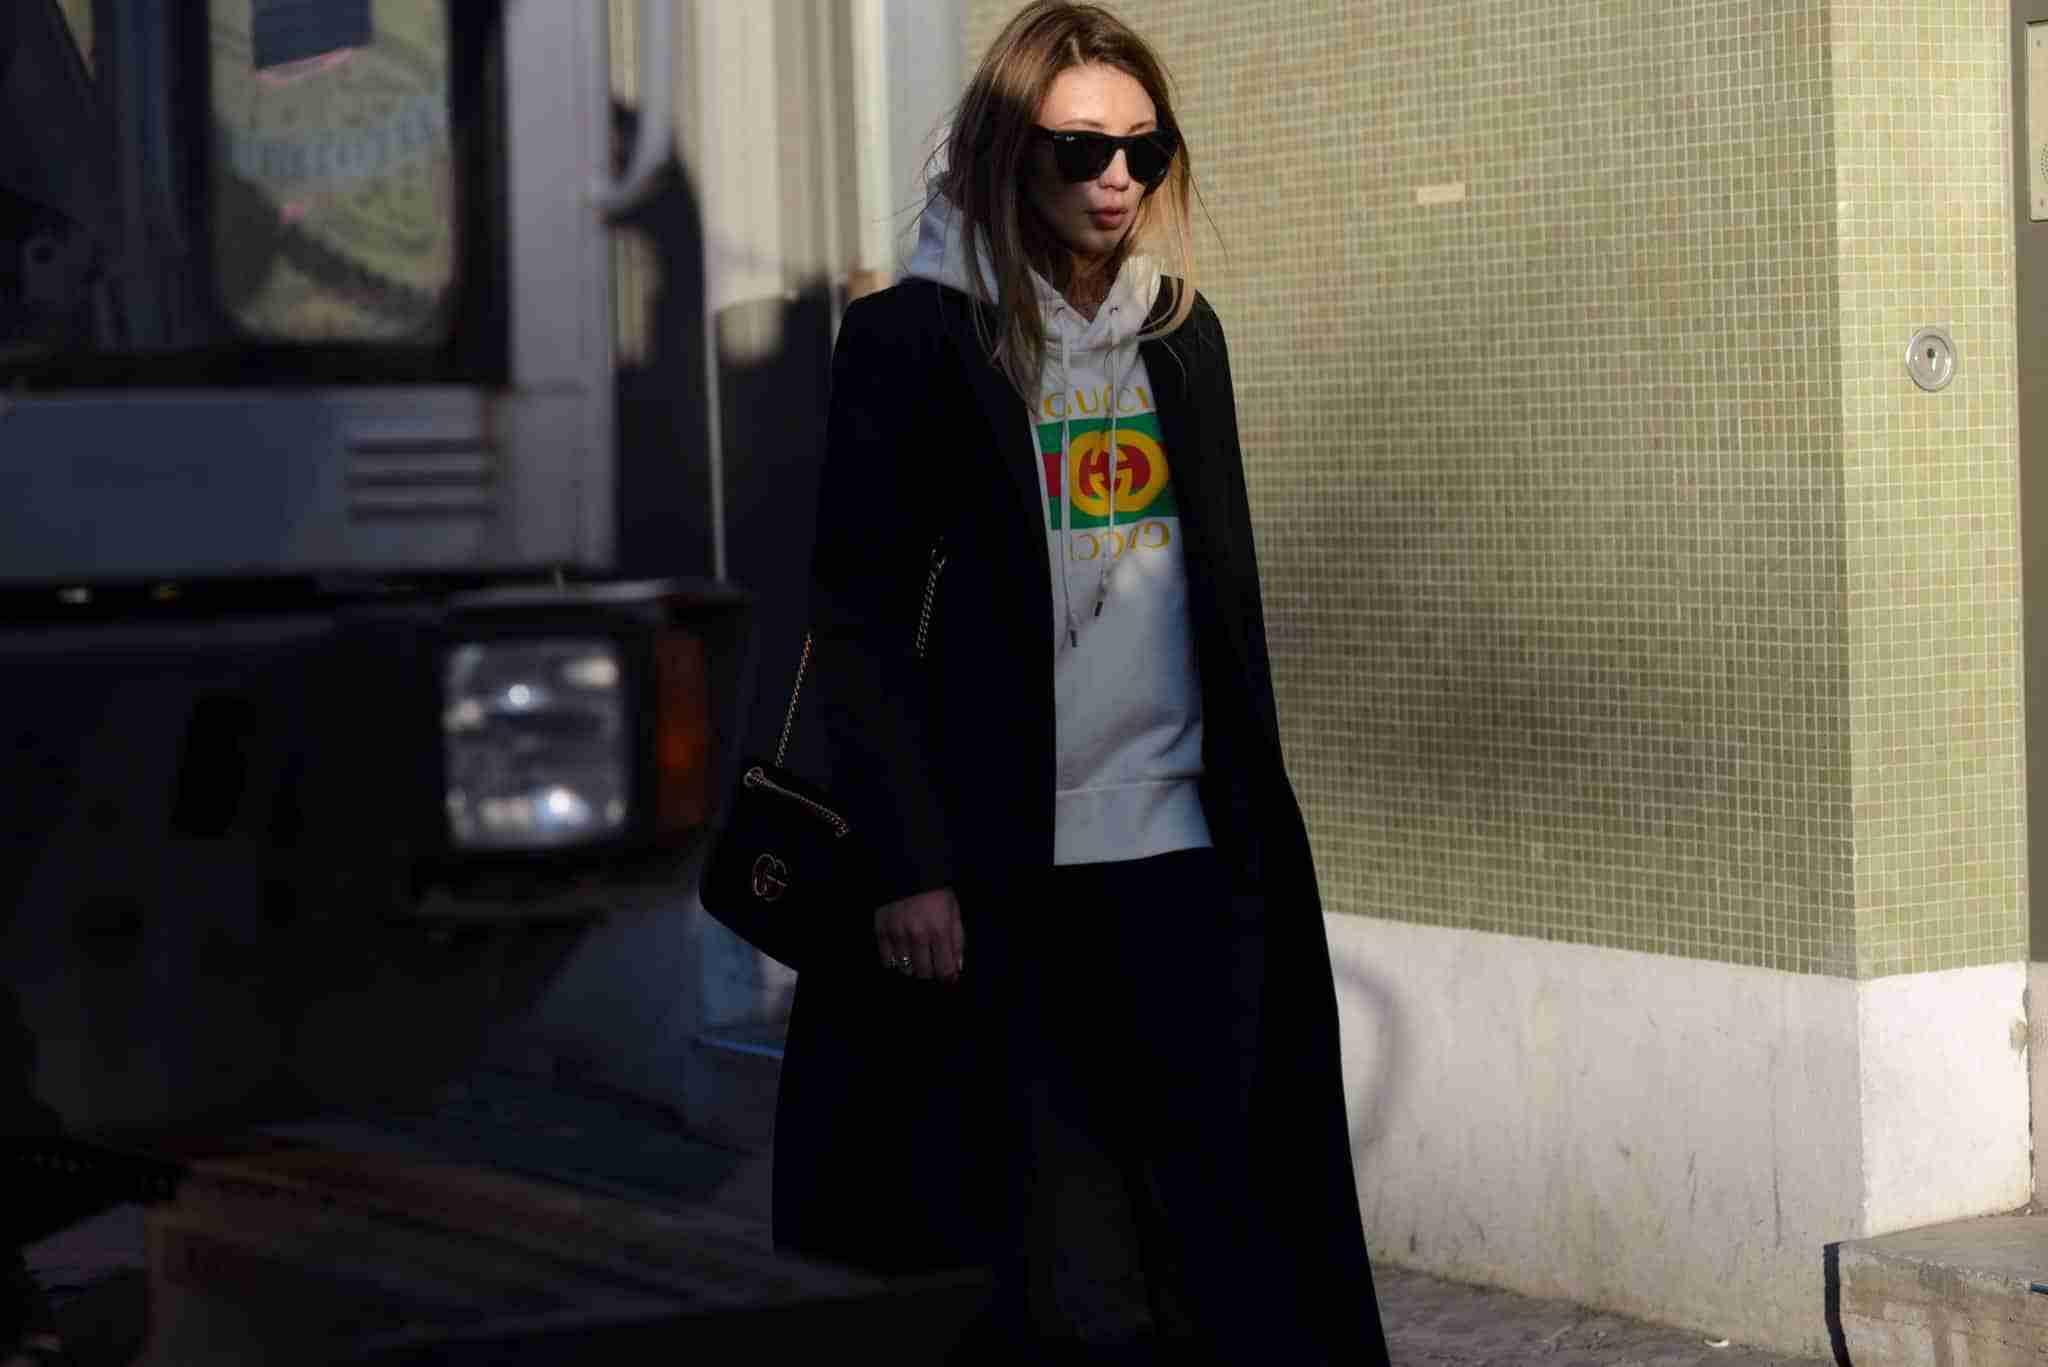 Klaudia idąca chodnikiem. Stylizacja - Gucci.